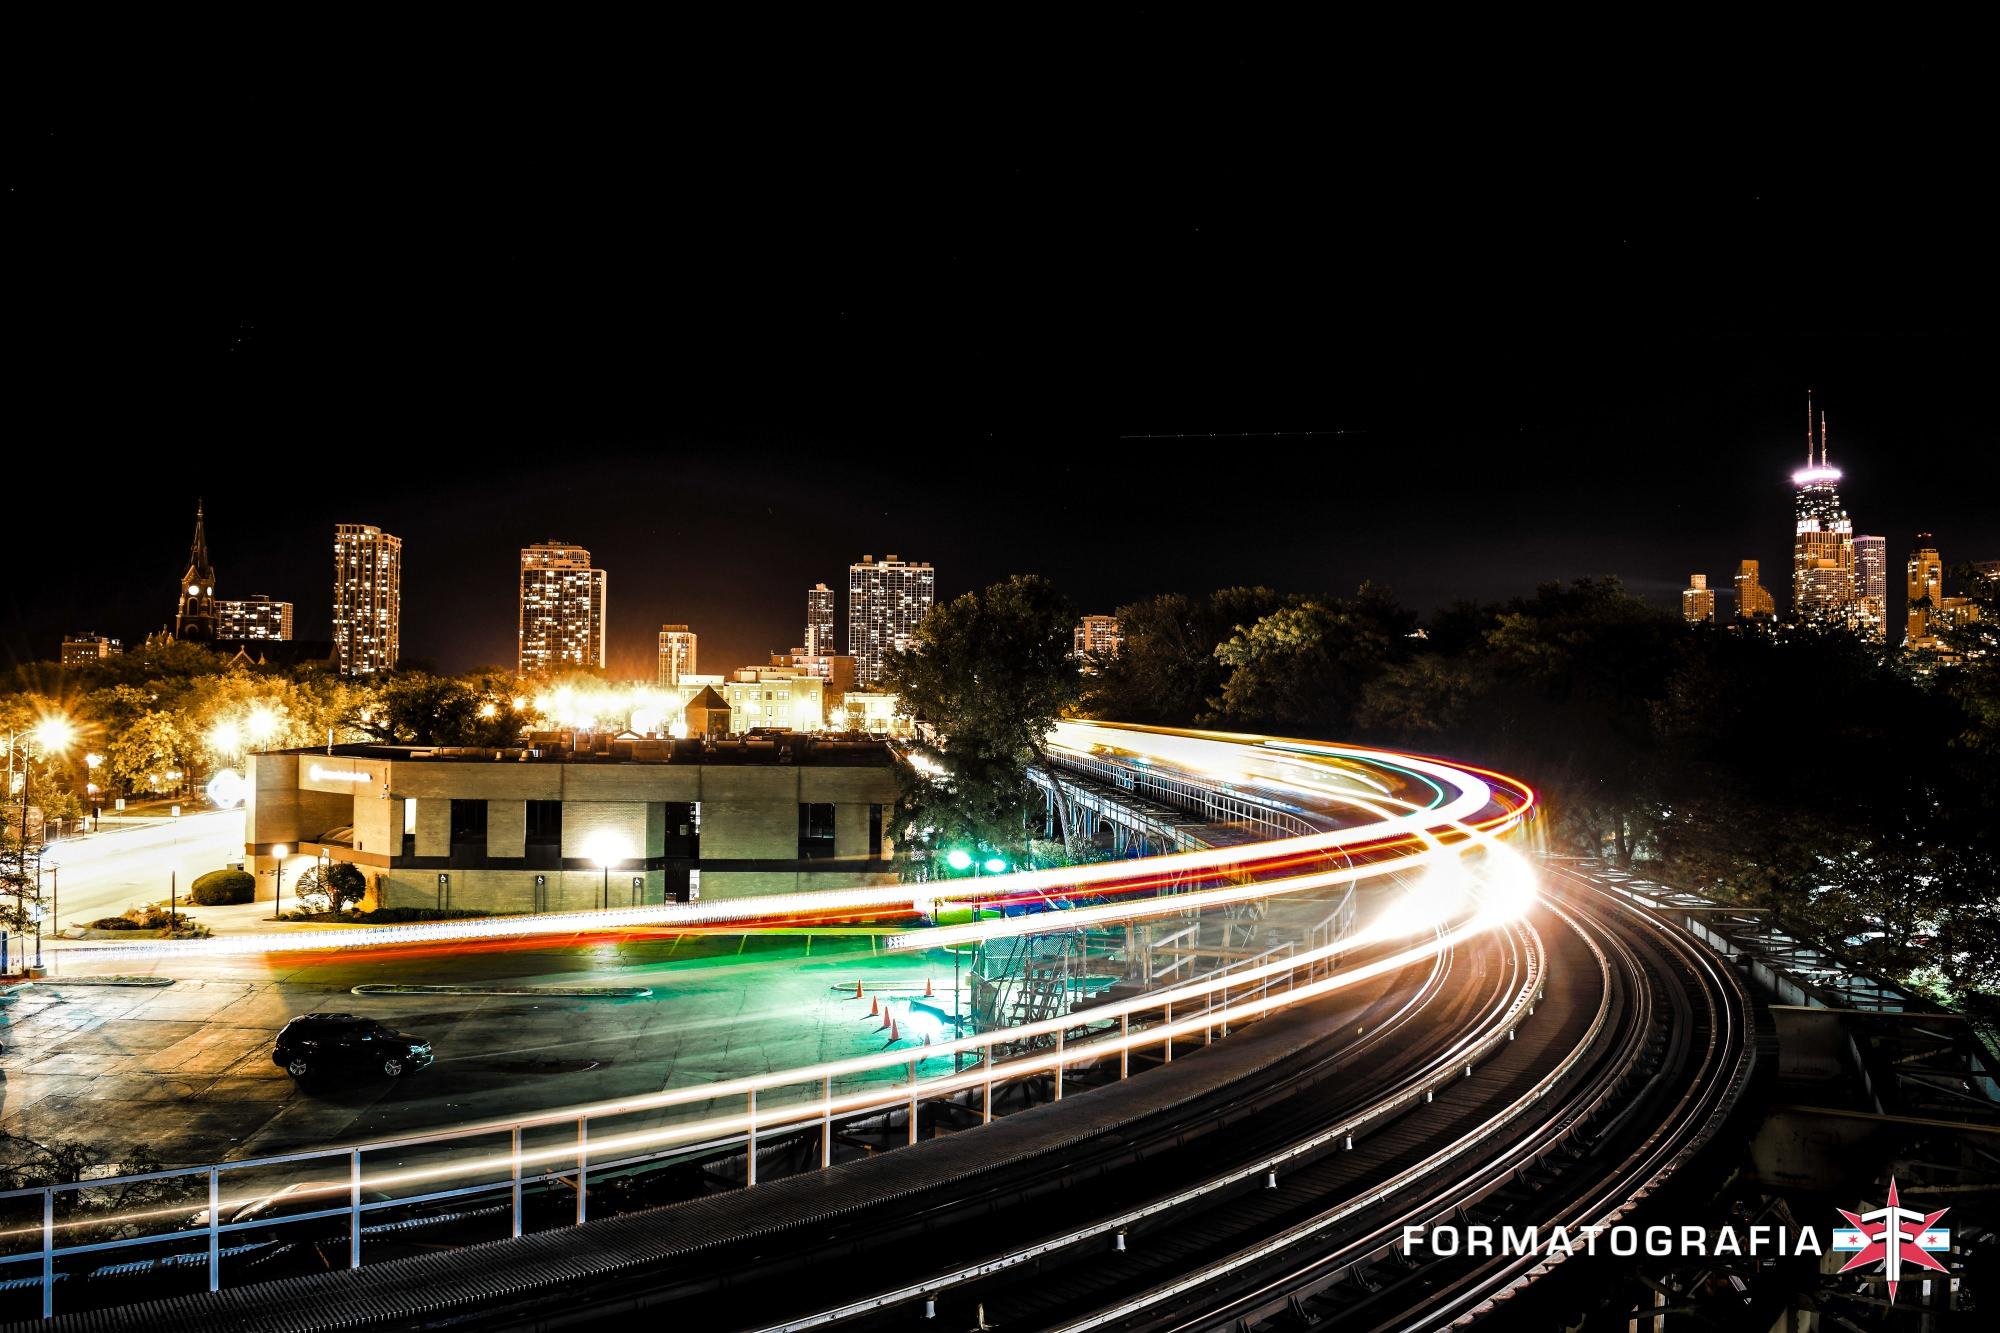 eric formato chicago photographer fall update city architecture shotsbrown-line-night-streak-dark.jpg